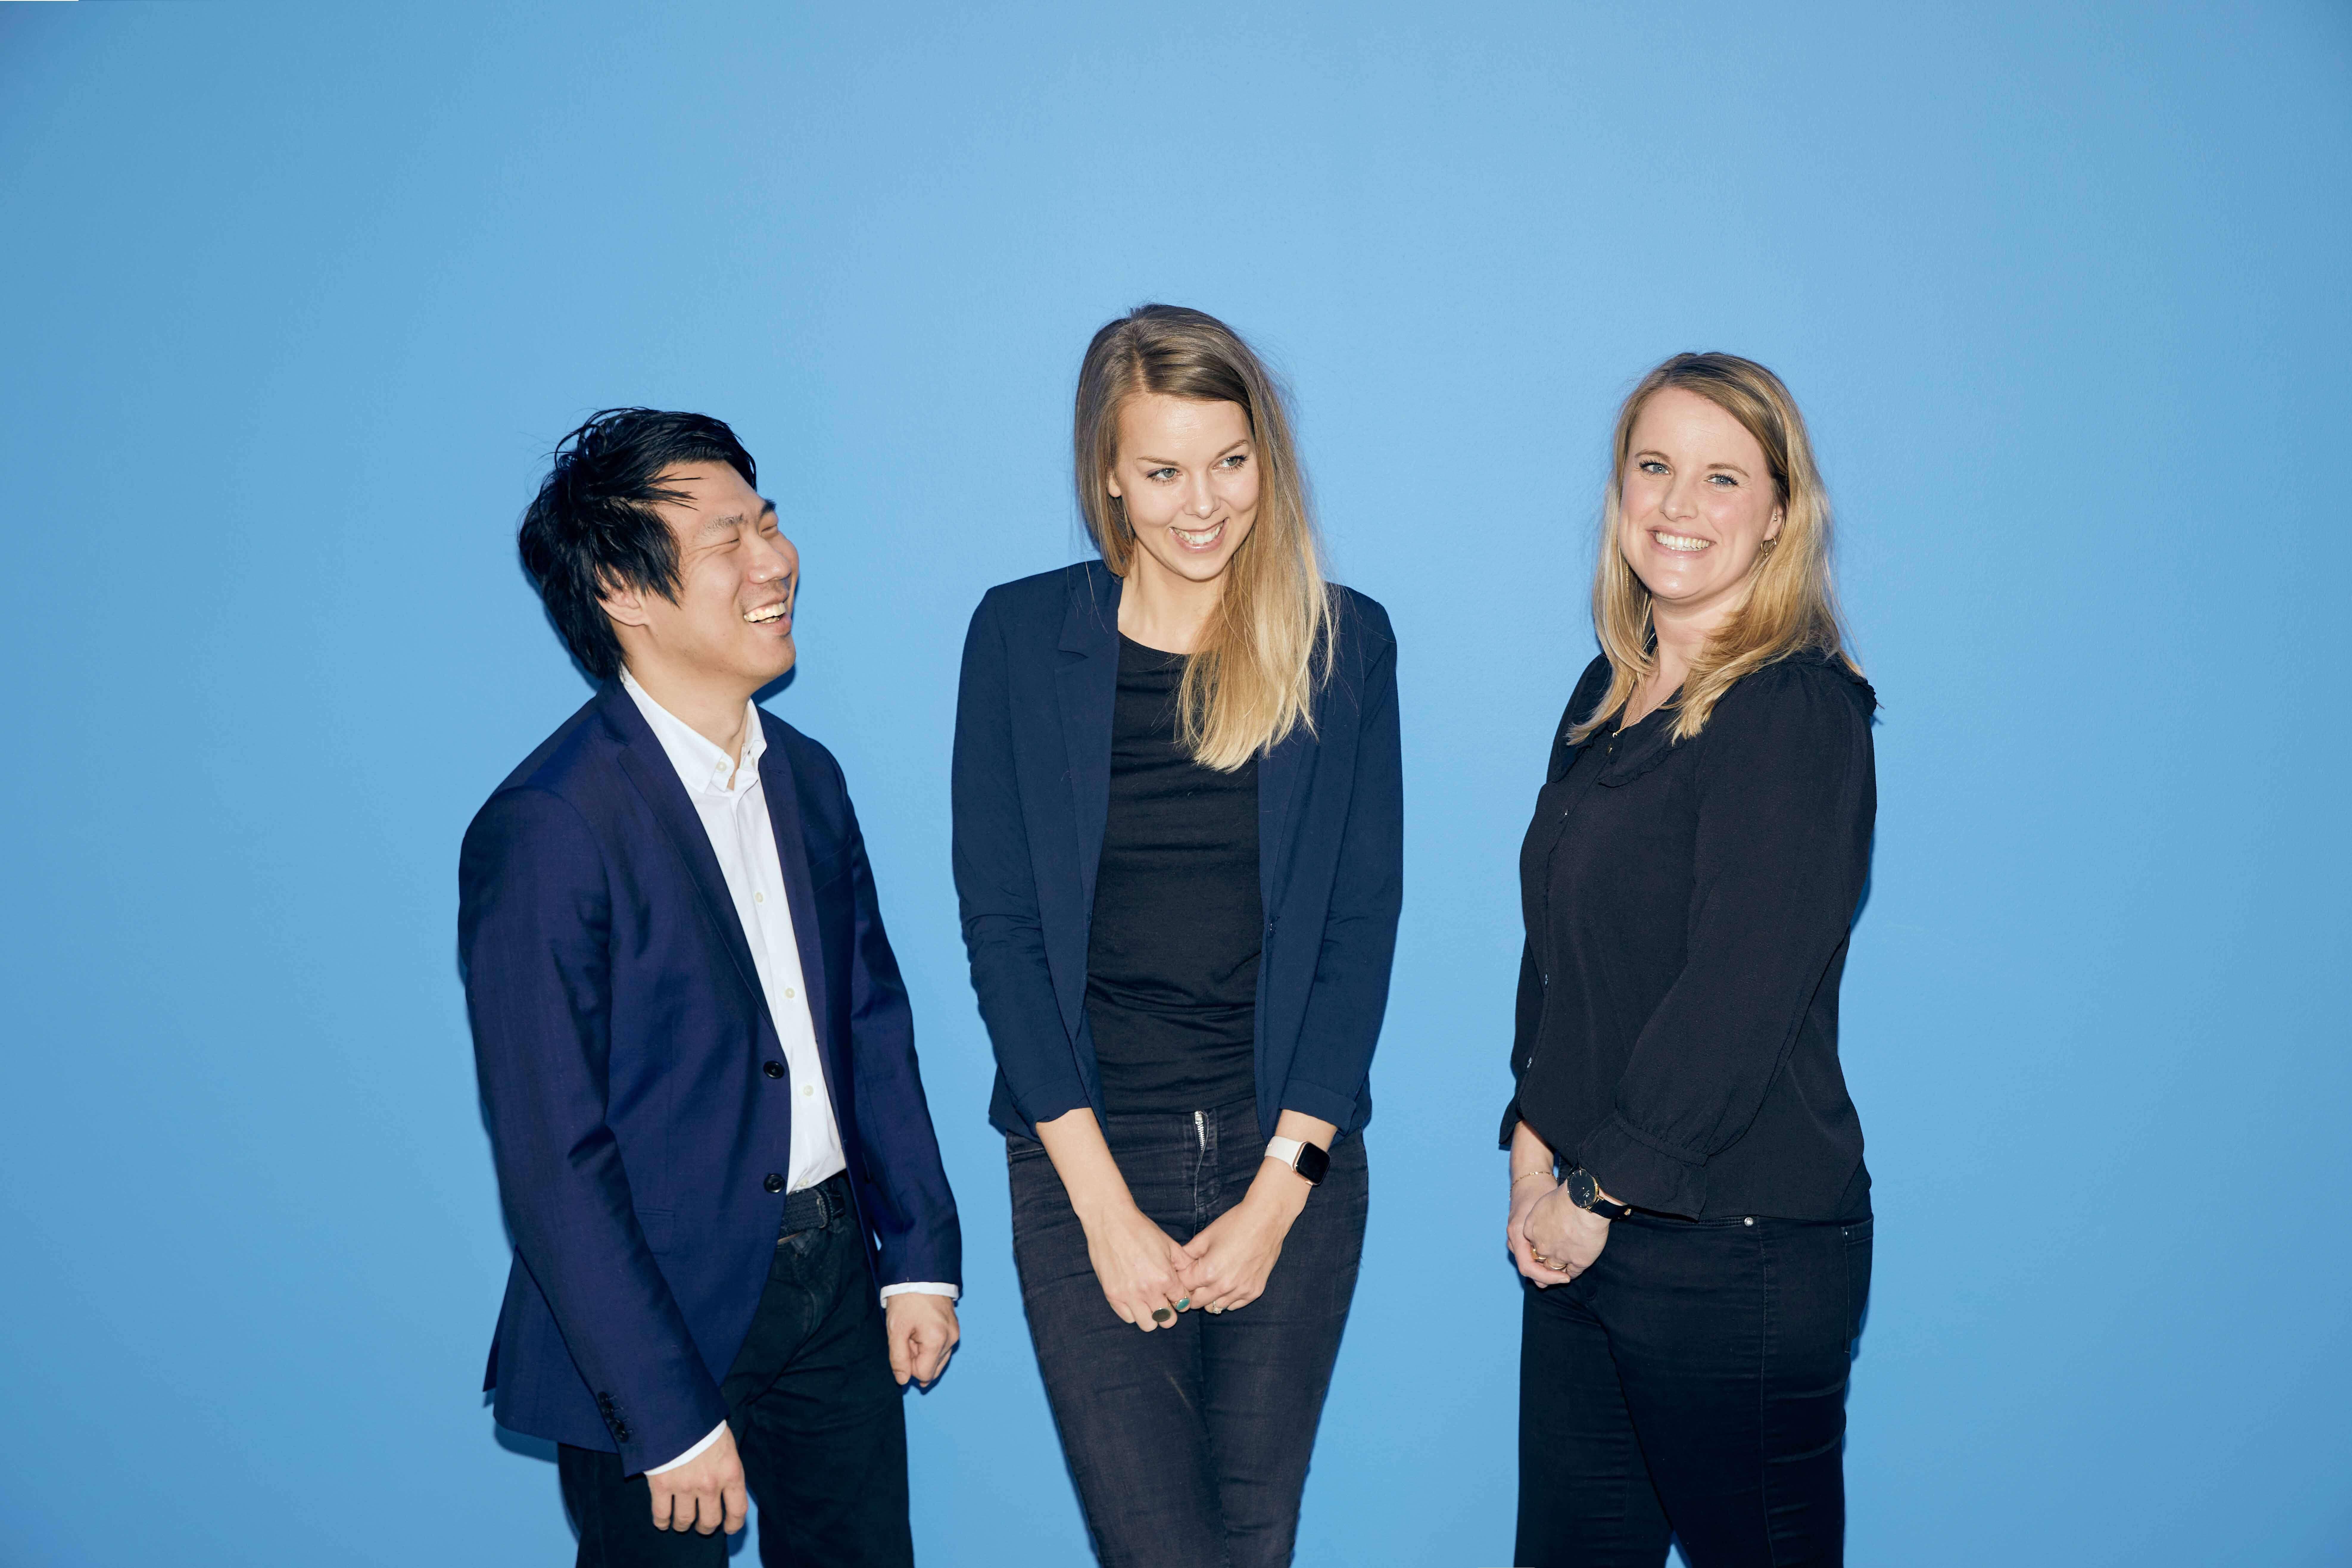 Et billede af Jacob Nossell til venstre, Signe Daugaard i midten og Katrine Larsen til højre. De stå foran en blå væg